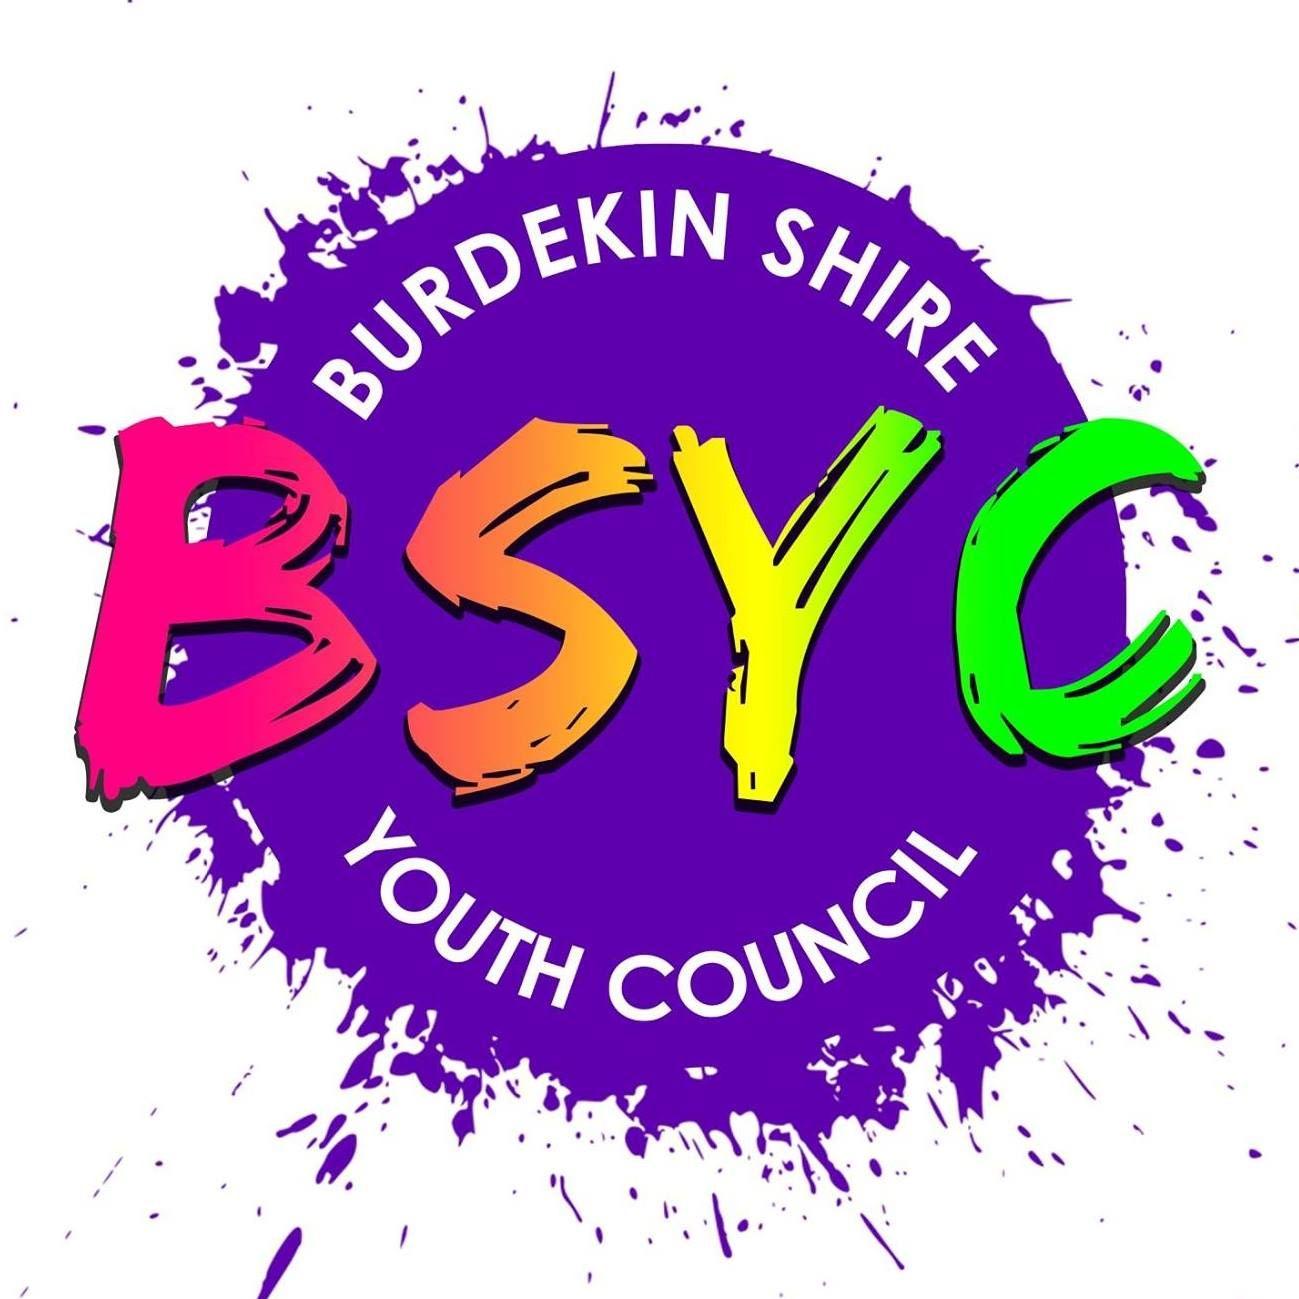 Burdekin Shire Youth Council